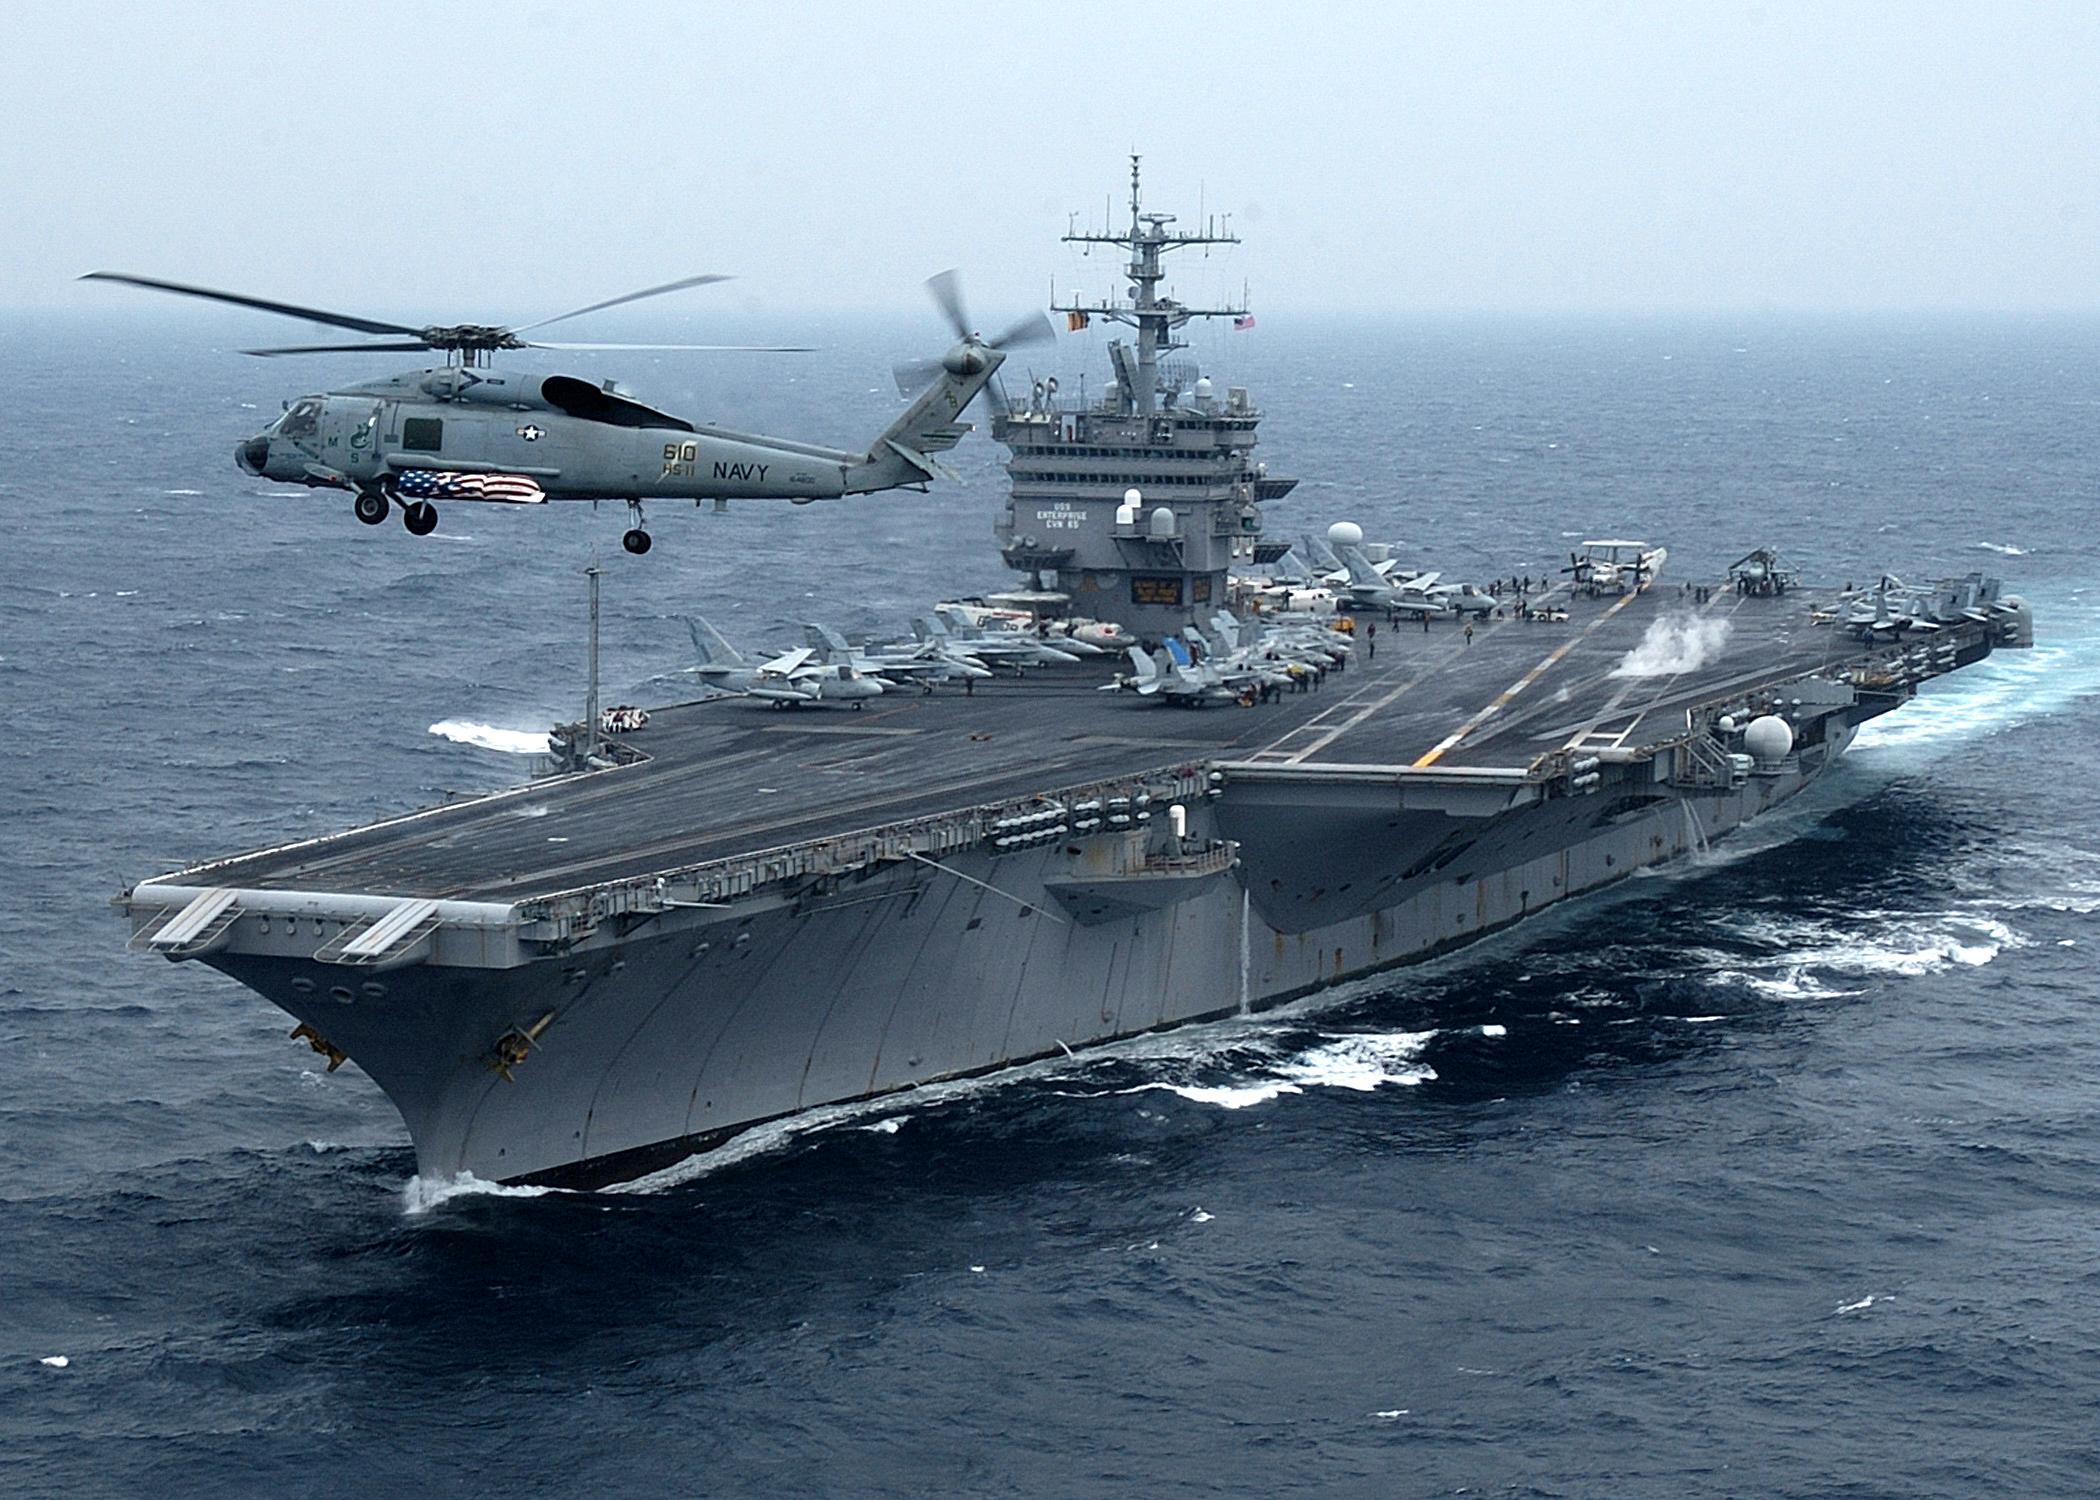 Below is part of the official U.S. Navy press release on Capt. Owen